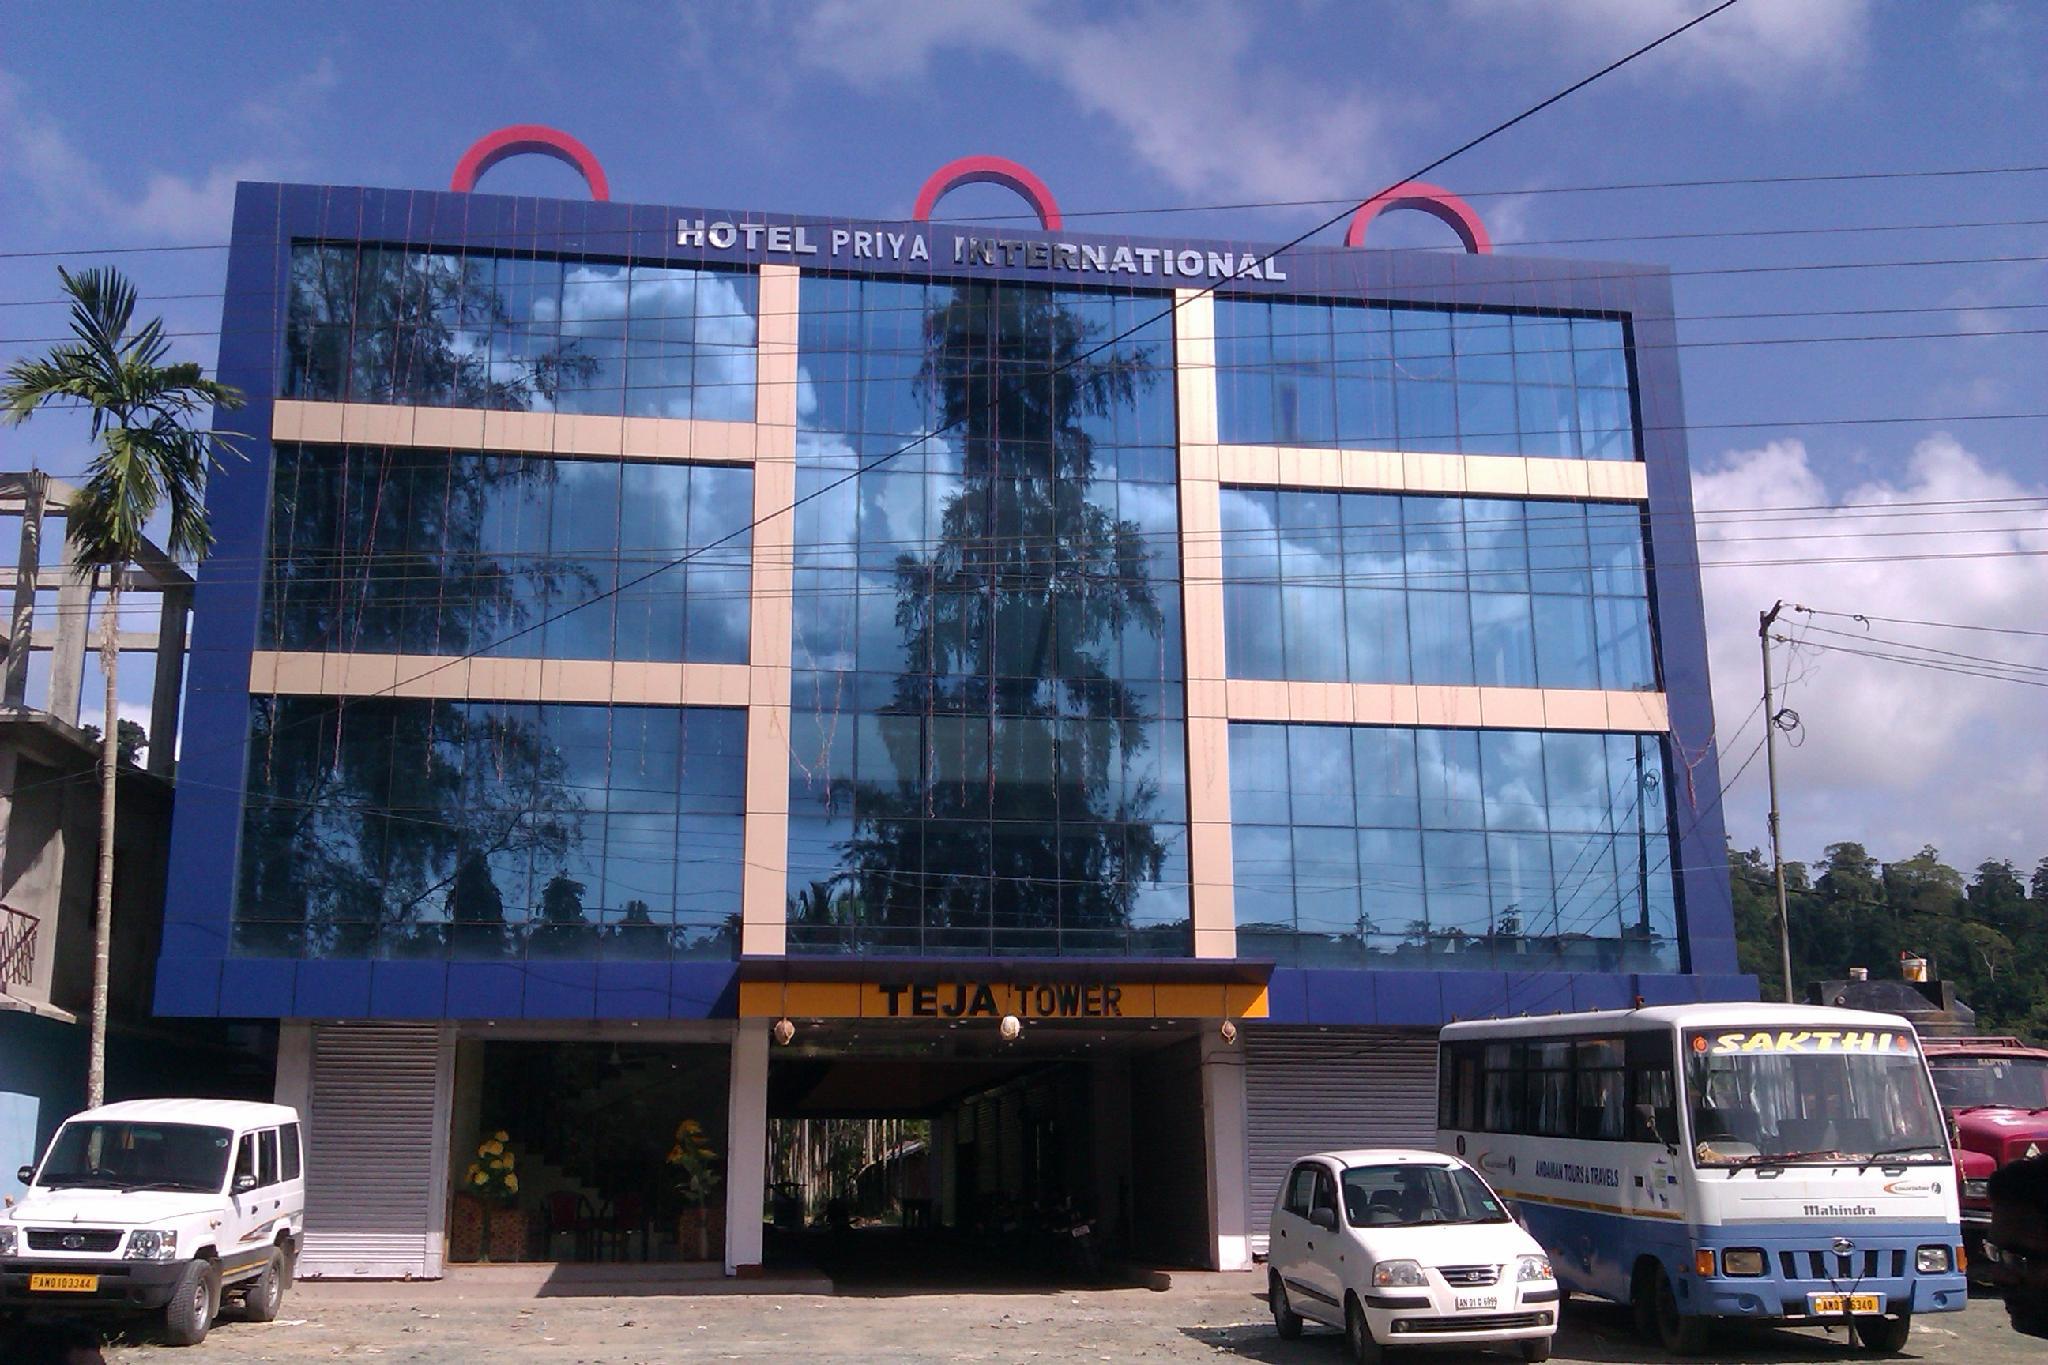 Hotel Priya International Rangat